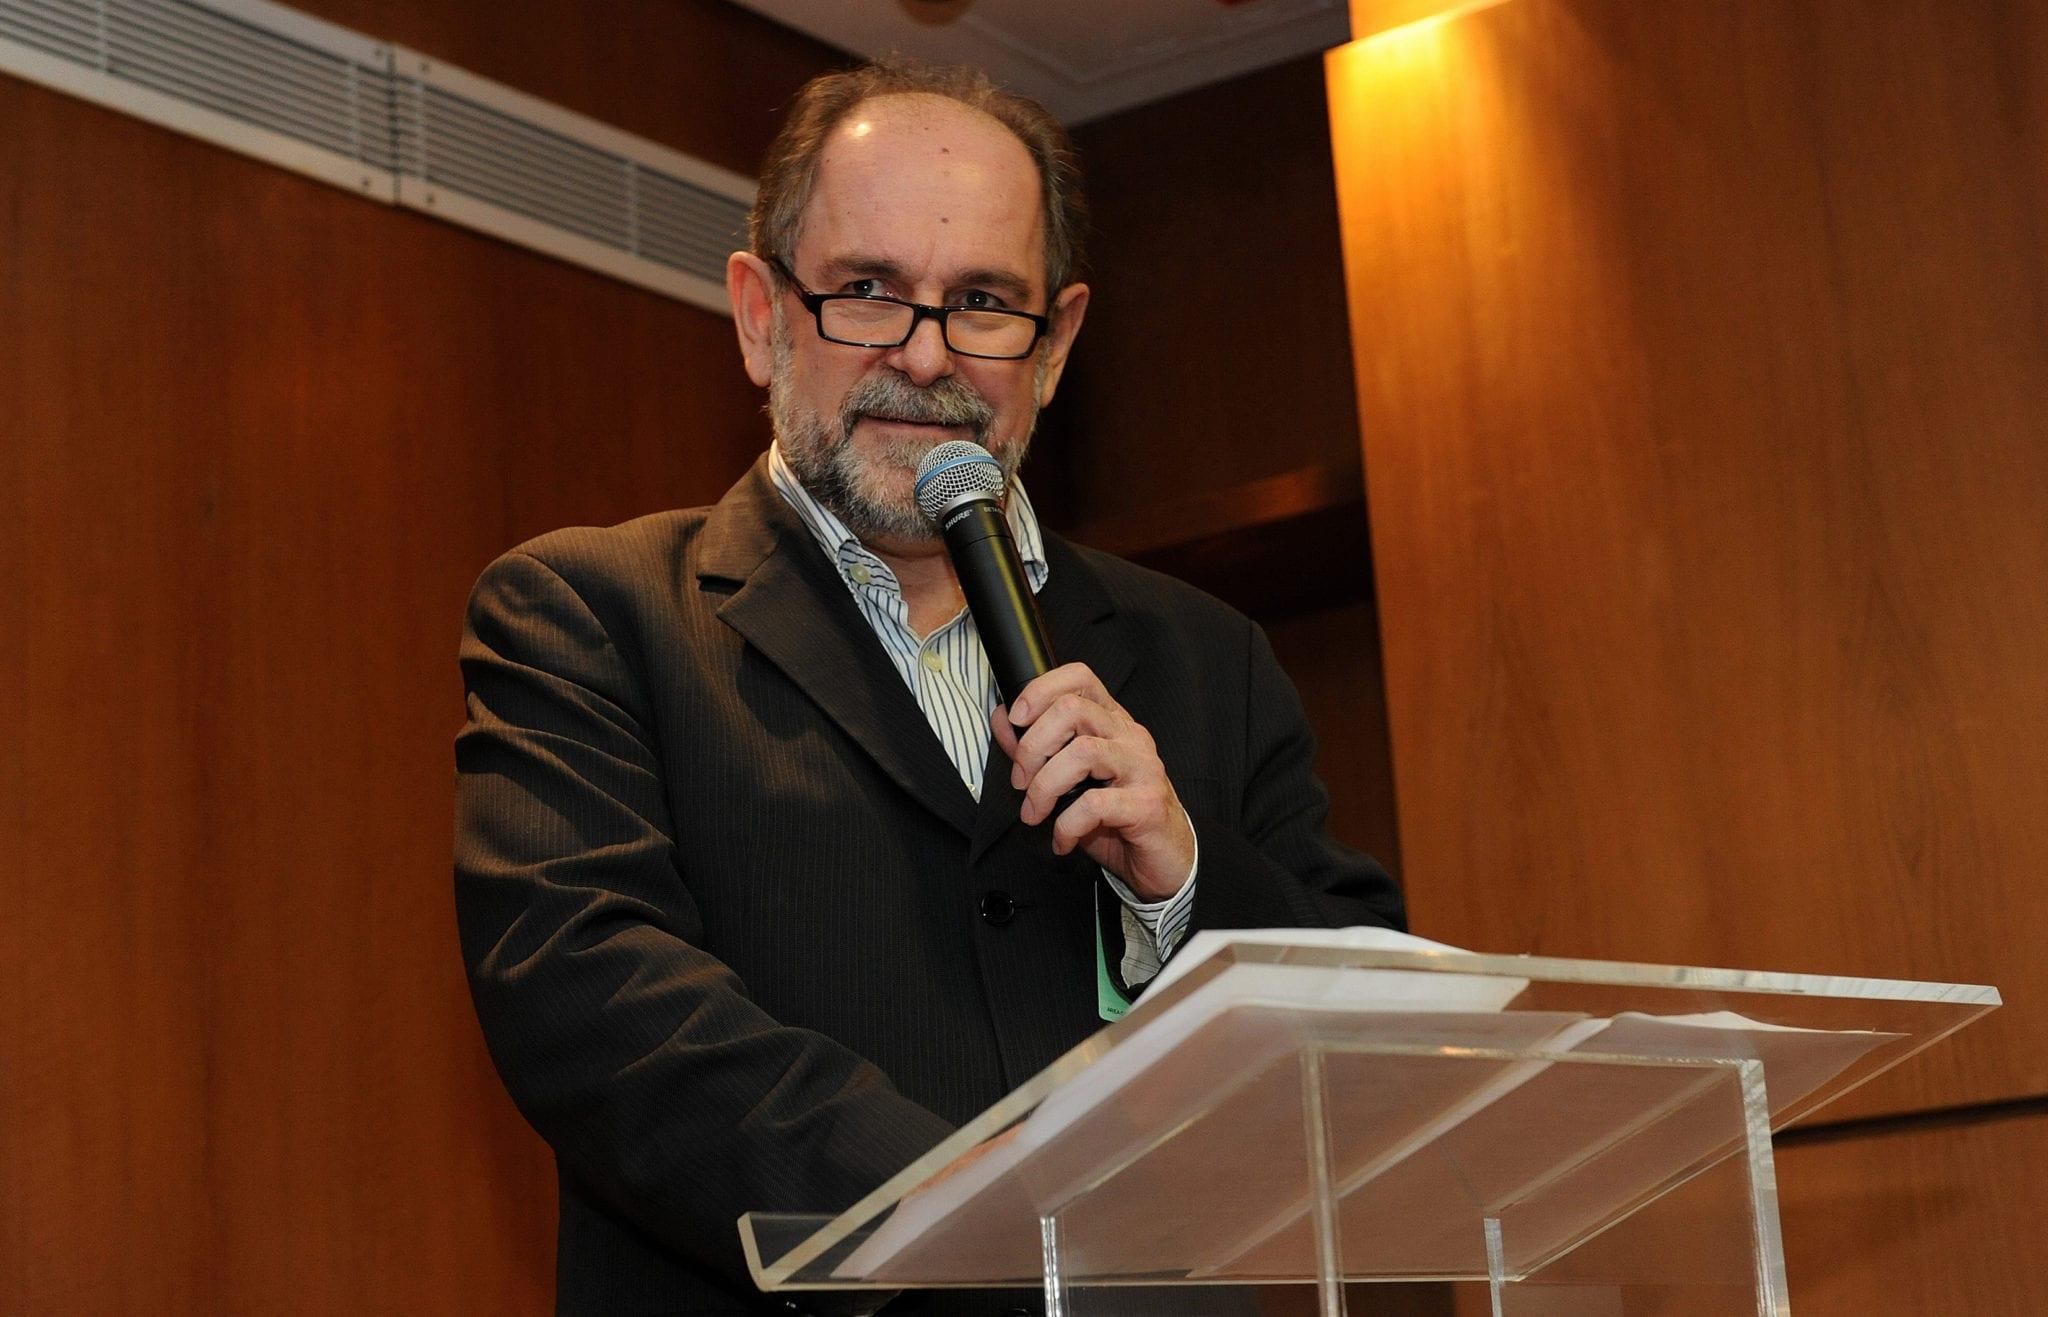 Petrobras lamenta o falecimento do ex-presidente José Eduardo Dutra